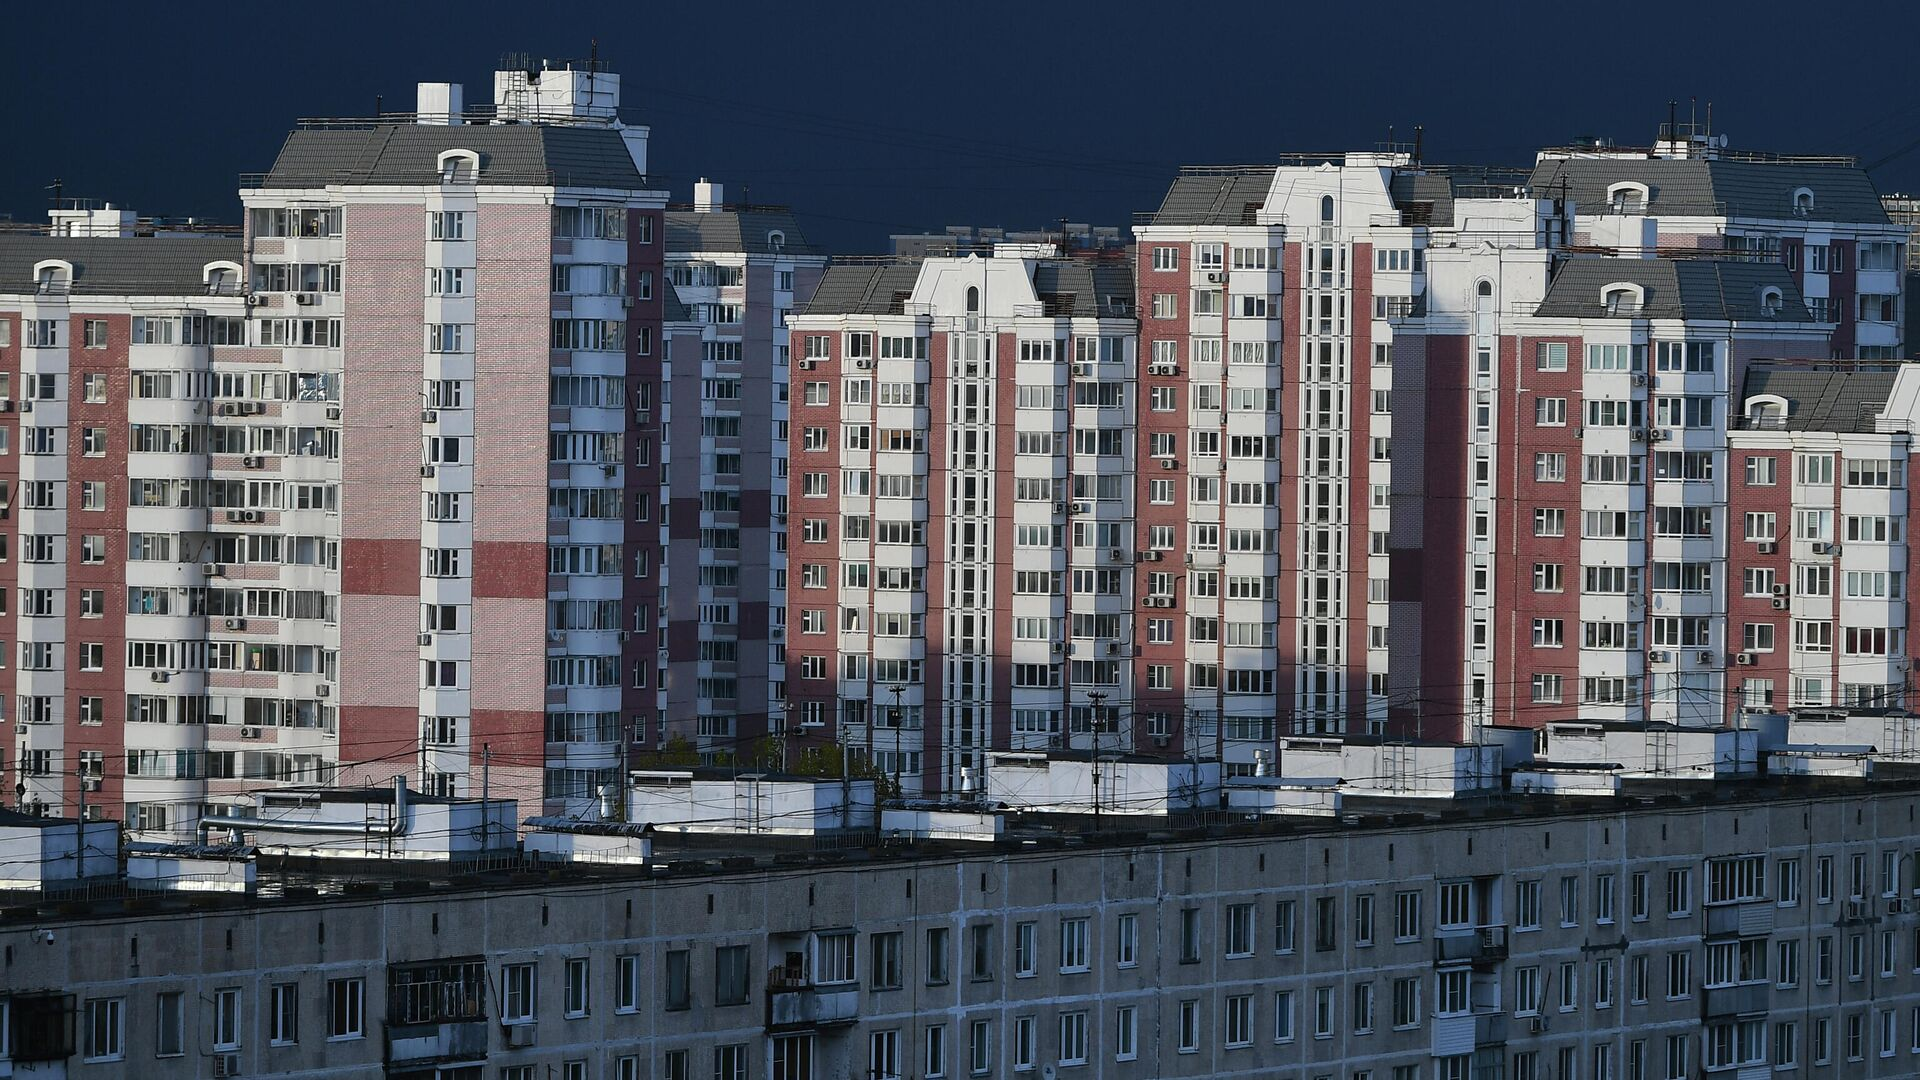 Жилые дома на Химкинском бульваре в Москве - РИА Новости, 1920, 29.07.2021